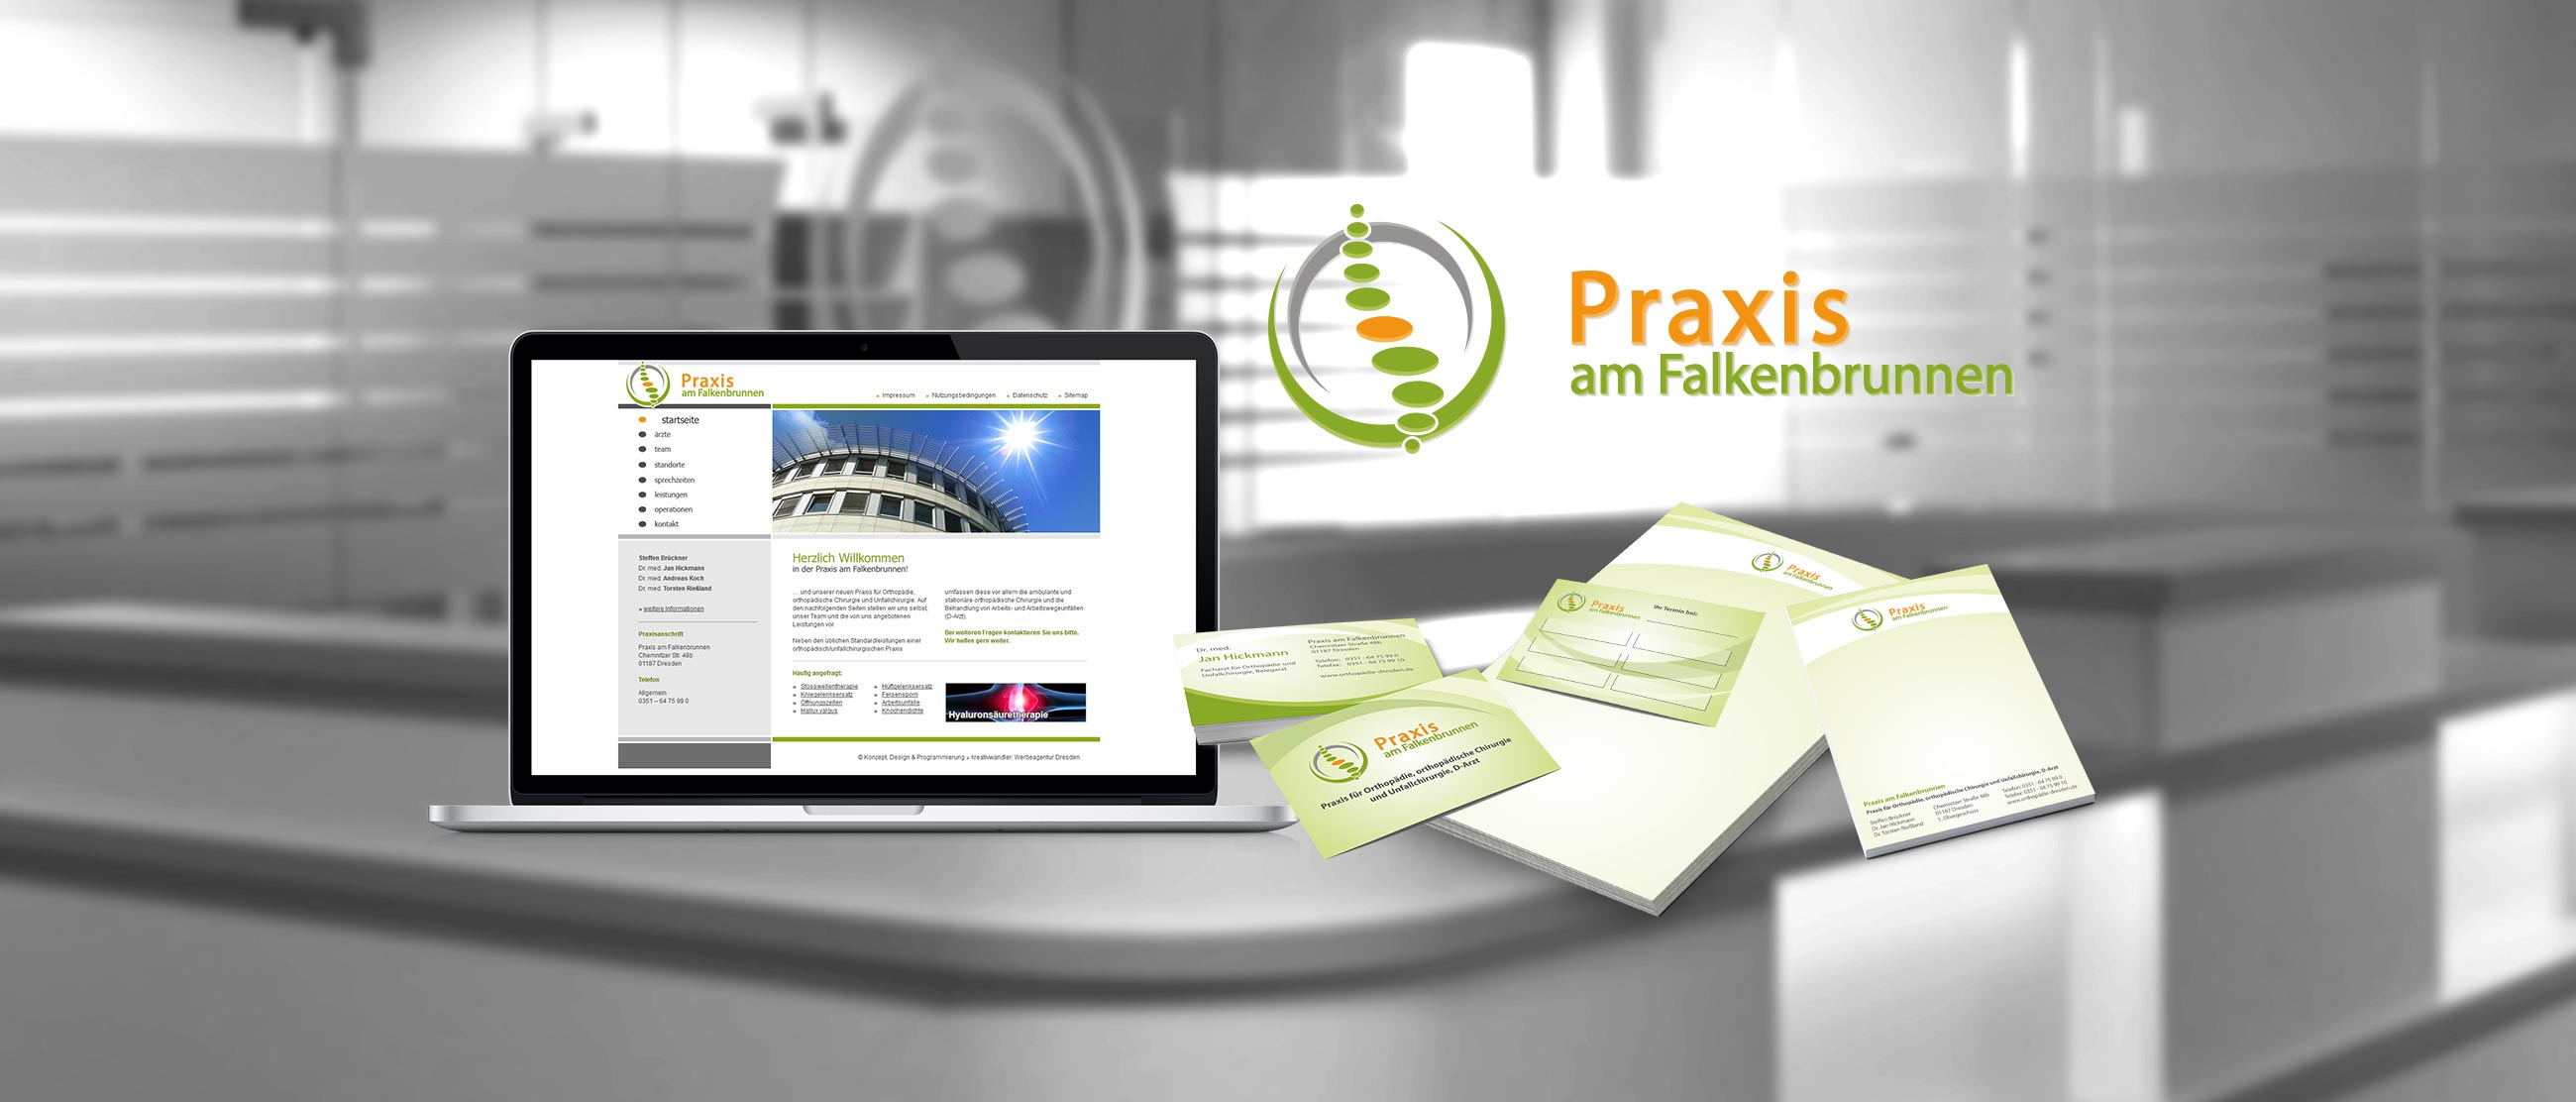 Orthopädische Praxis am Falkenbrunnen: Erstellung eines Corporate Designs (Logo, Website, Praxisgestaltung, Scheibenbeklebung, Leuchtreklame, Hinweisschilder, Plakate, Briefpapier, Visitenkarten, Notizblöcke)